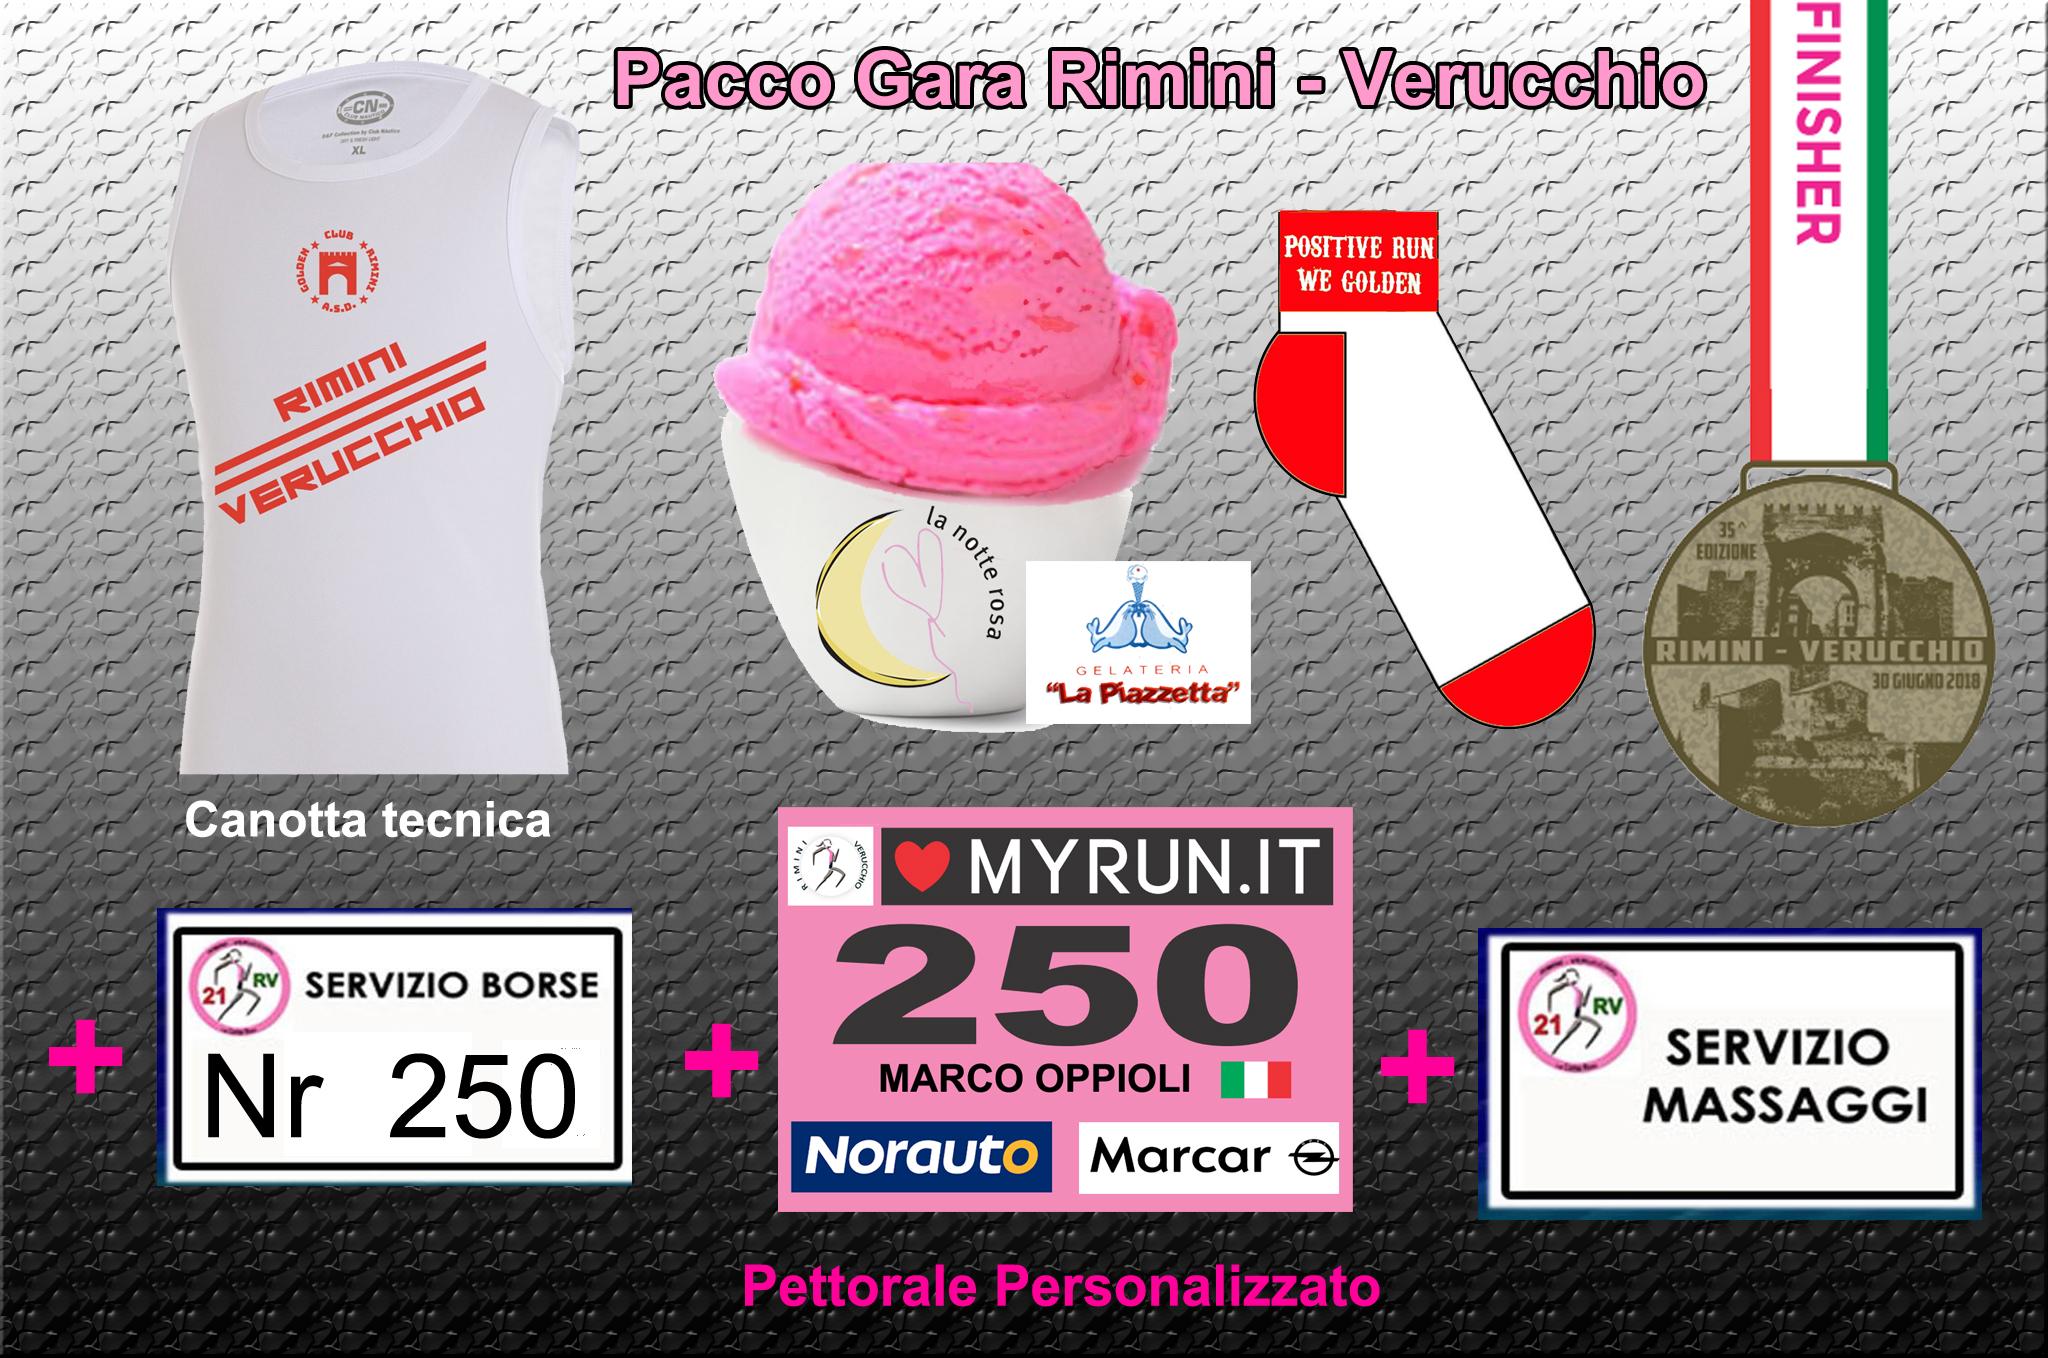 Pacco Gara Rimini Verucchio